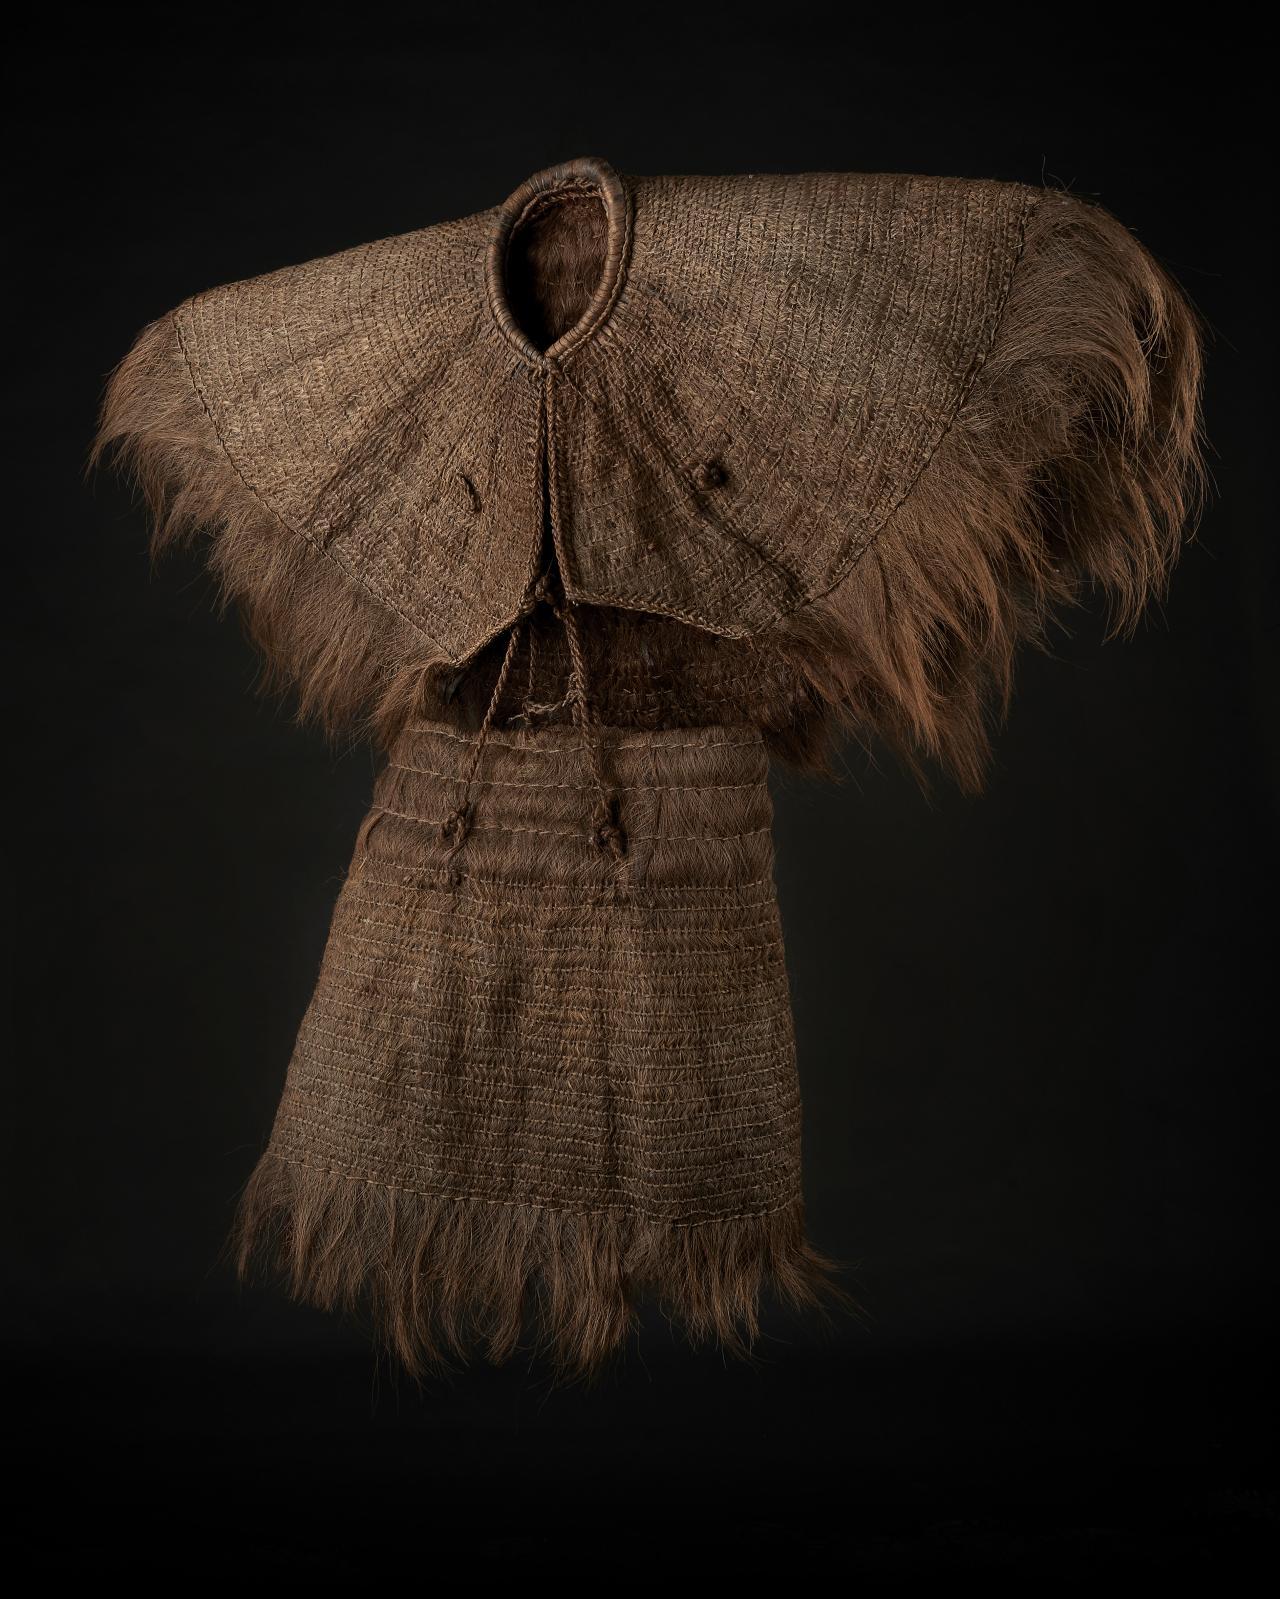 Costume de pluie en fibre de palmier, Chine, composé d'une jupe et d'une veste, 120x110cm. Estimation: 500/600€